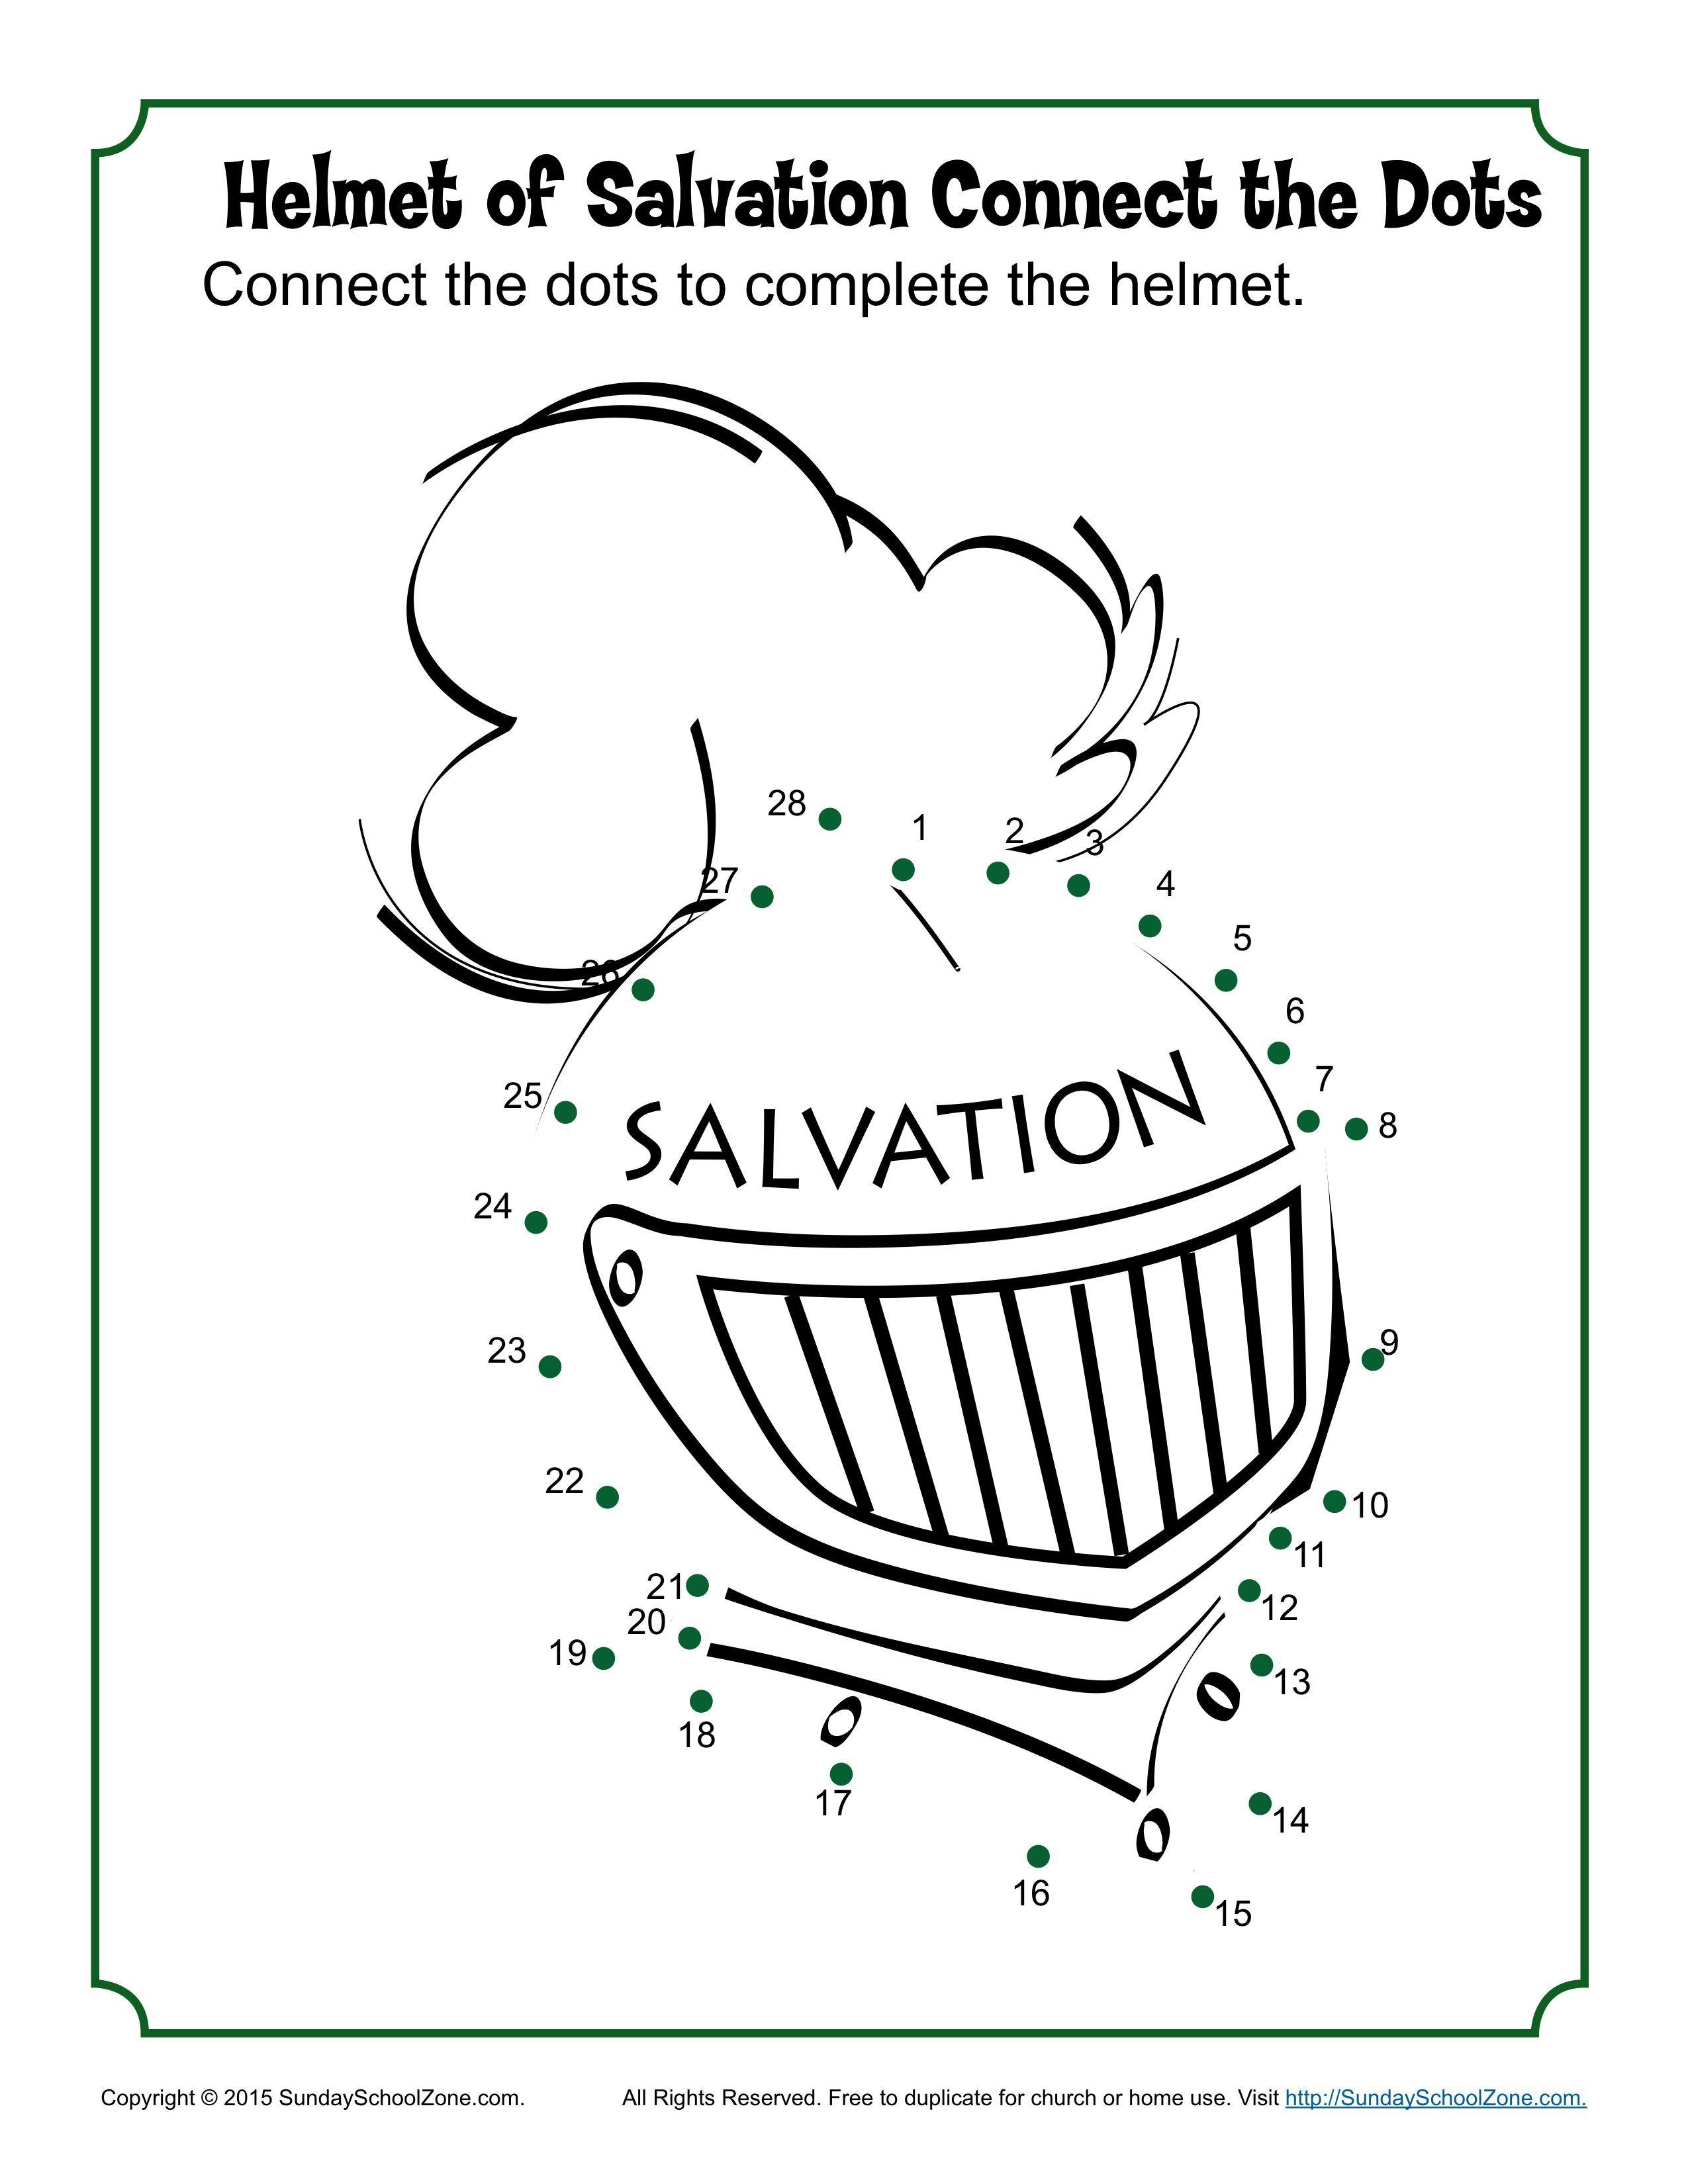 Helmet Of Salvation Connect The Dots Children S Bible Activities Sunday School Activities For Kids Bible Activities Childrens Bible Activities Kids Sunday School Lessons [ 3300 x 2550 Pixel ]